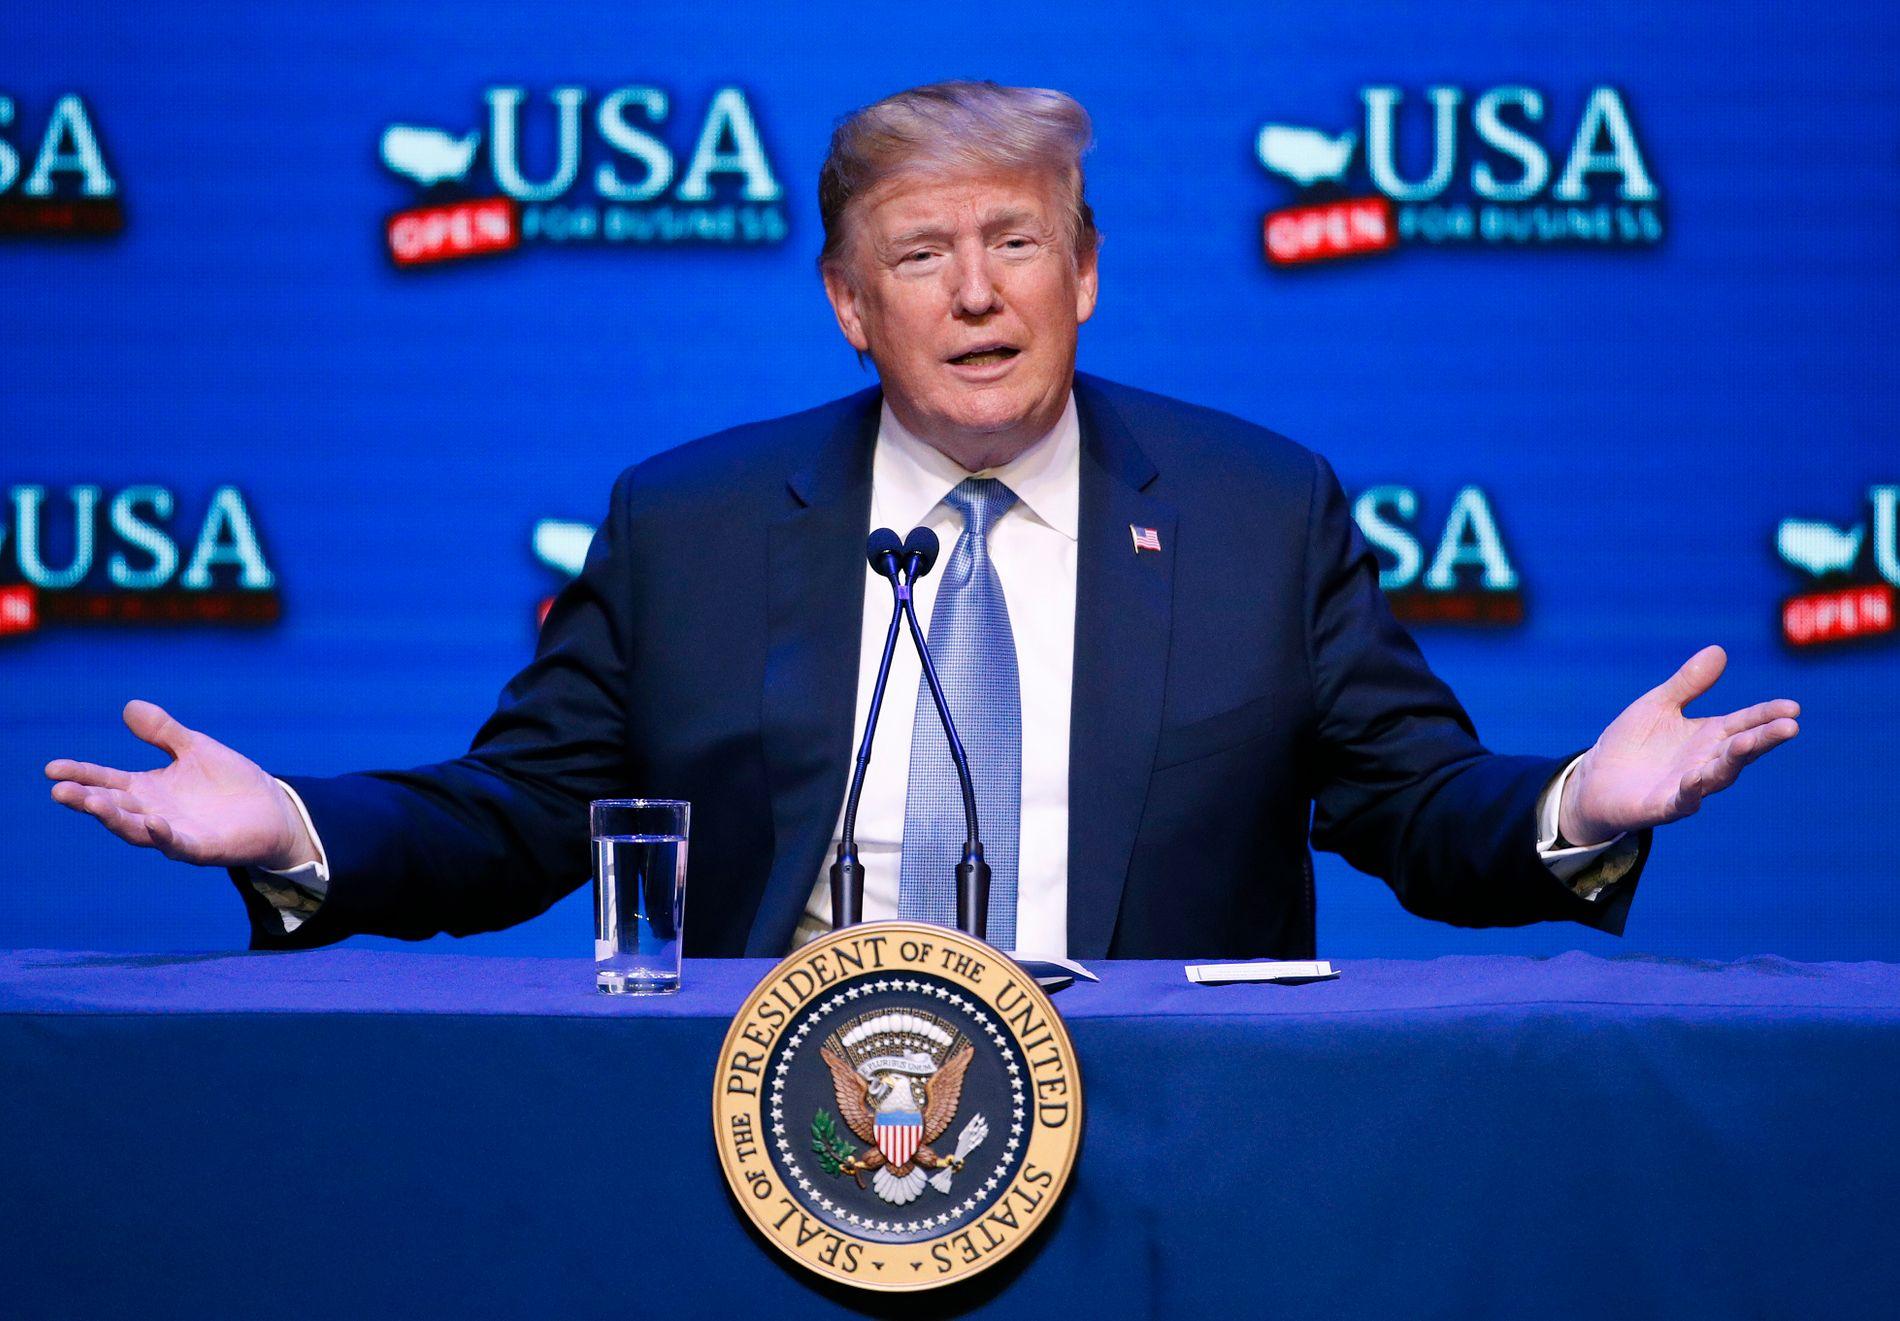 FORSLAG: Søndag kom presidenten med et nytt forslag som han mener vil være med på å forsterke sikringen USAs grenser. Bildet er tatt under en debatt om skattereform i Las Vegas lørdag.